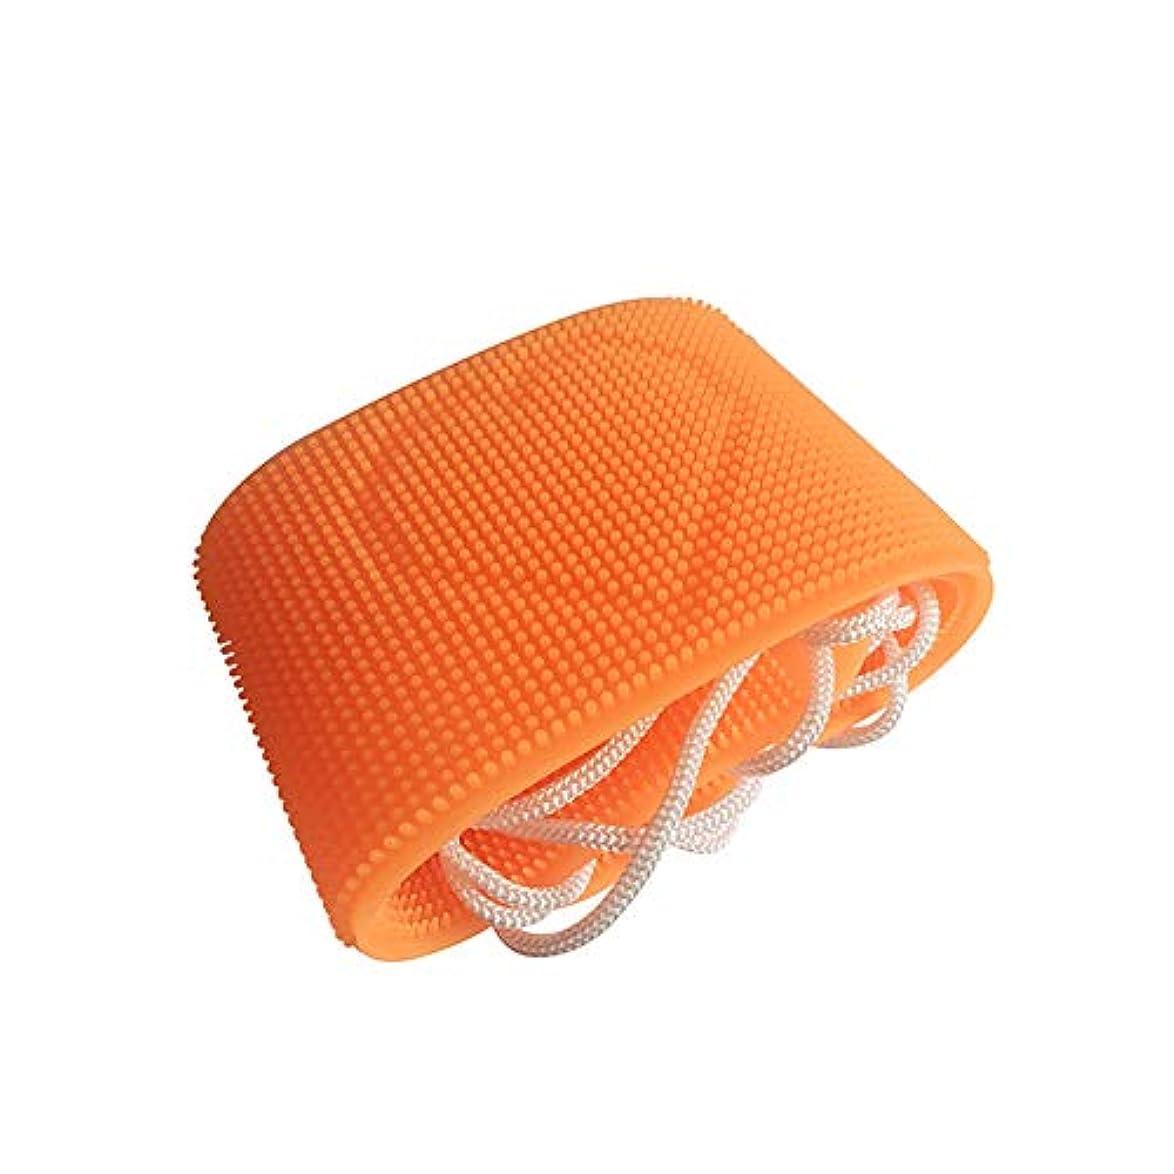 ブリーフケース広がり抑制Aylincoolシャワーアクセサリー、バス&ボディ、ヘチマ、スポンジ&プーフ、バックスクラバーベルト、ボディバスブラシクリーニングツールマッサージブラシ